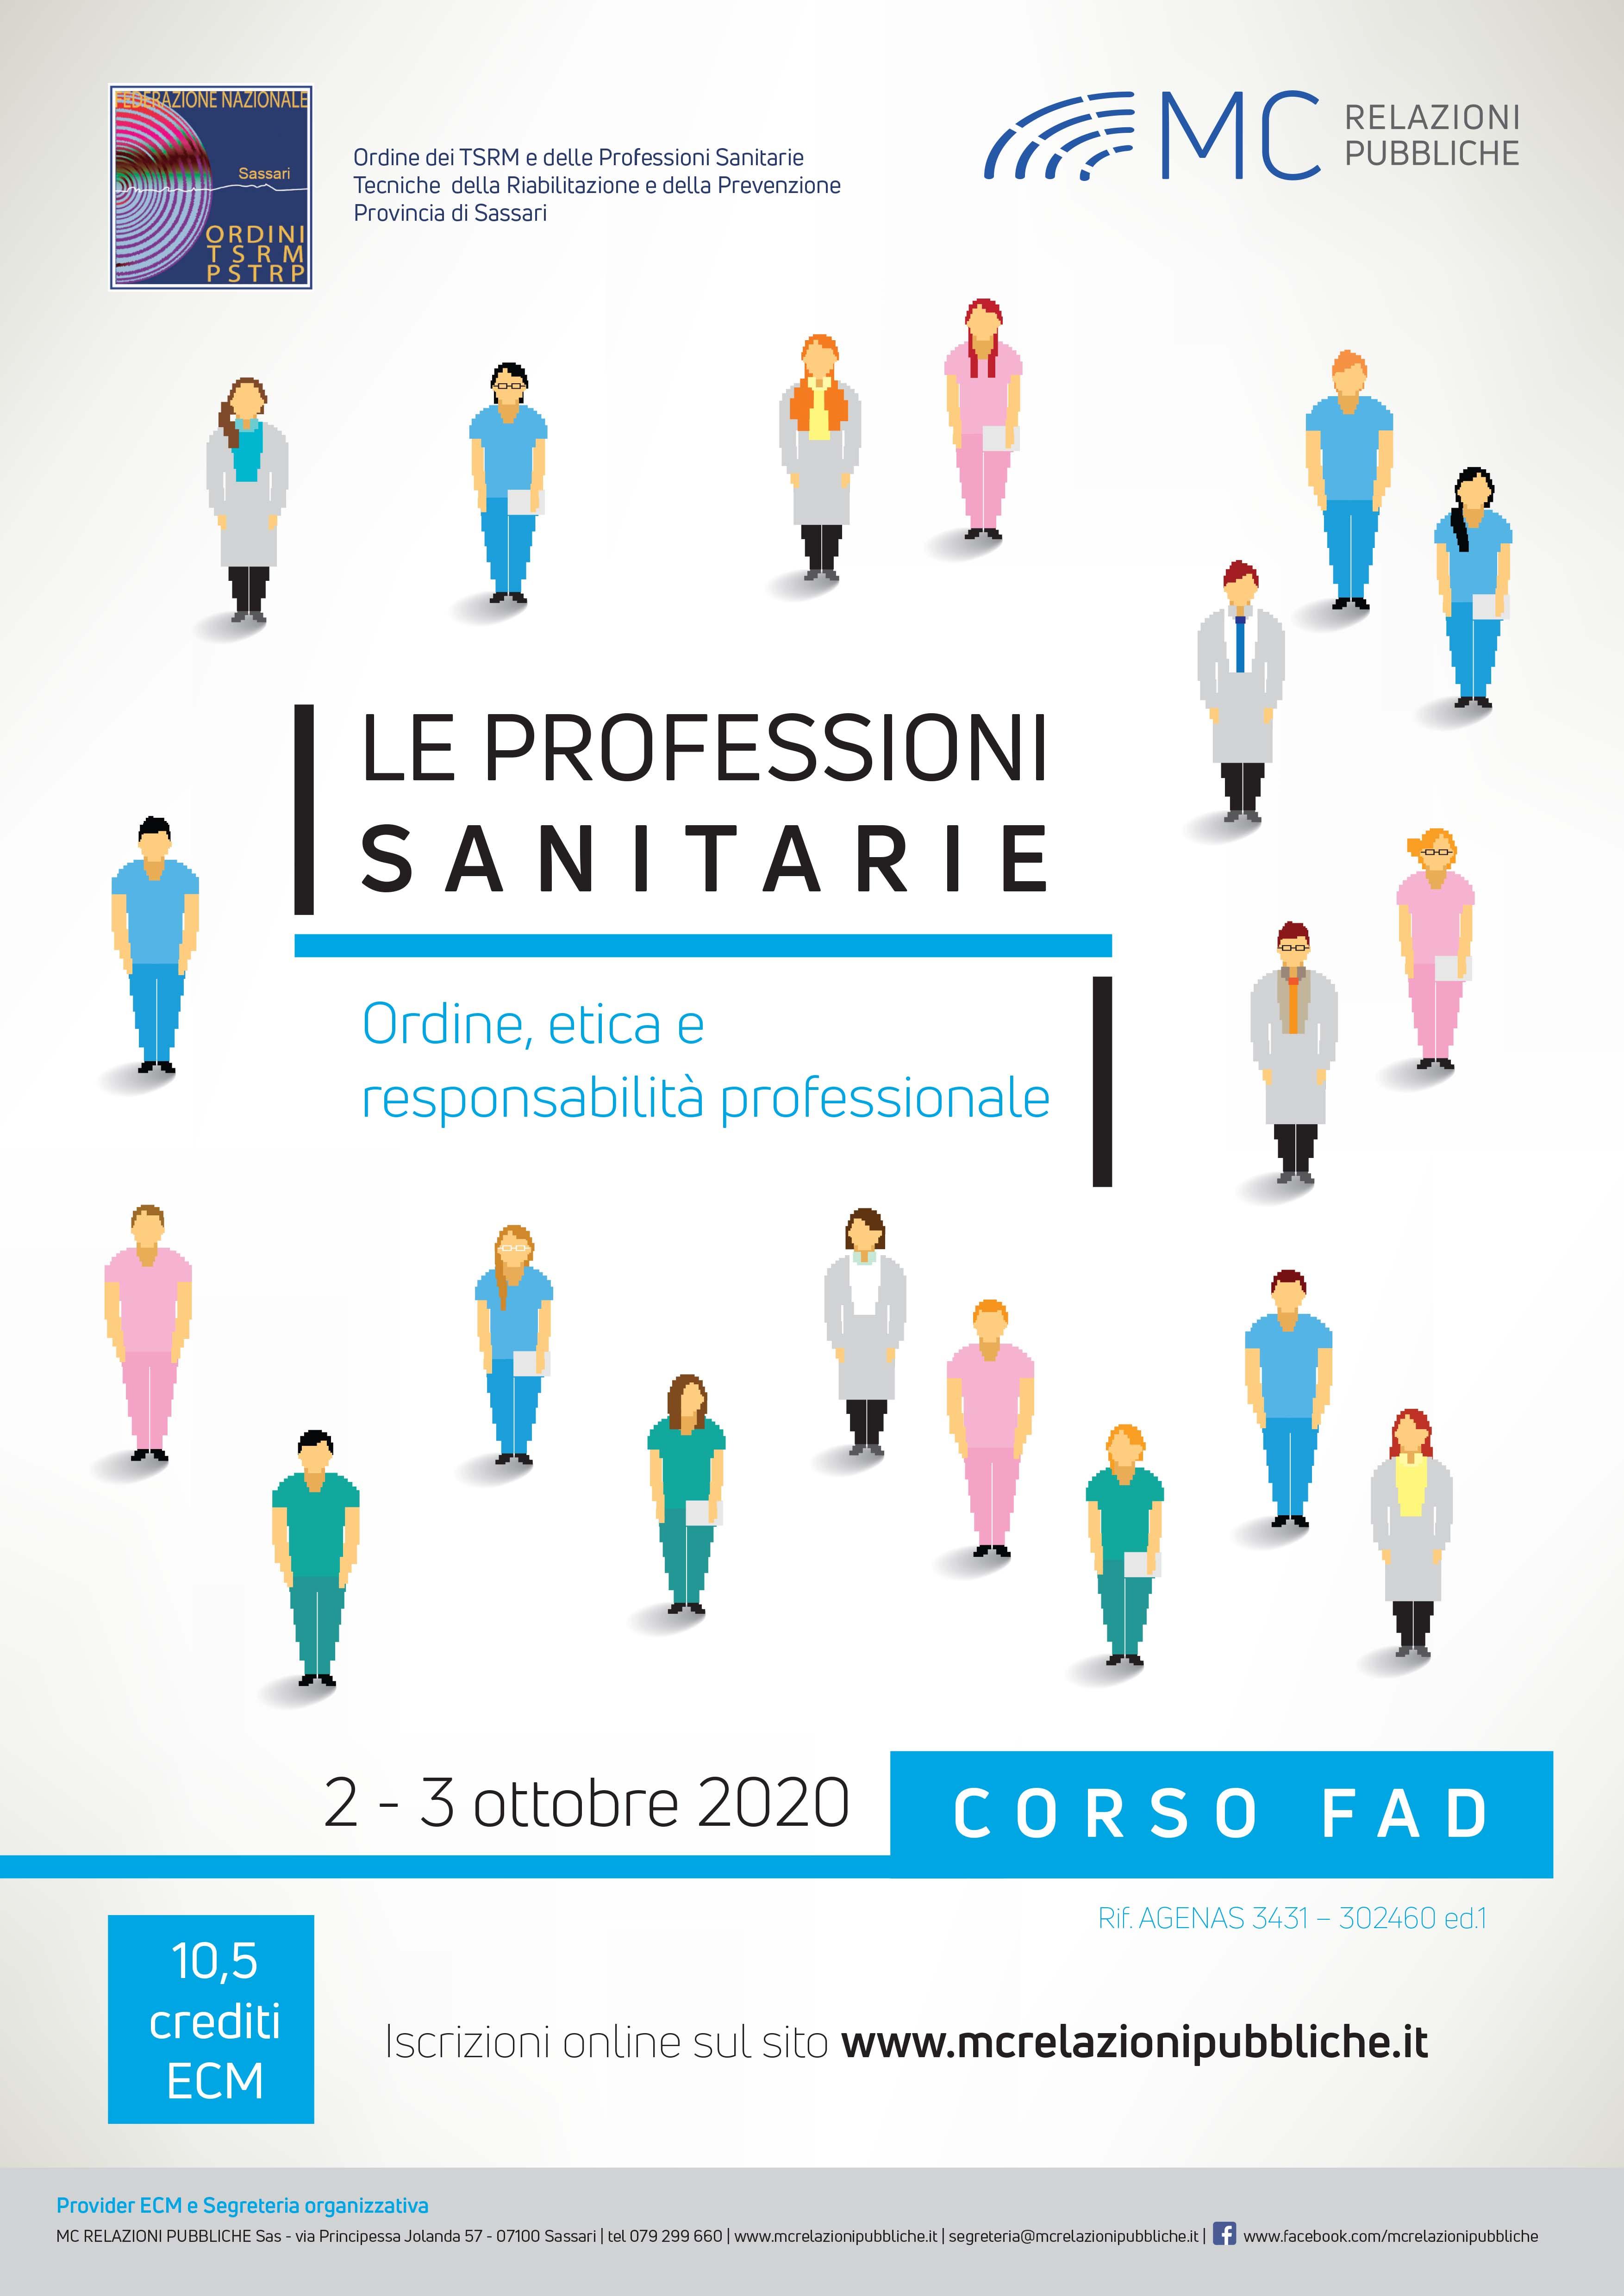 LE PROFESSIONI SANITARIE. Ordine, etica e responsabilità professionale